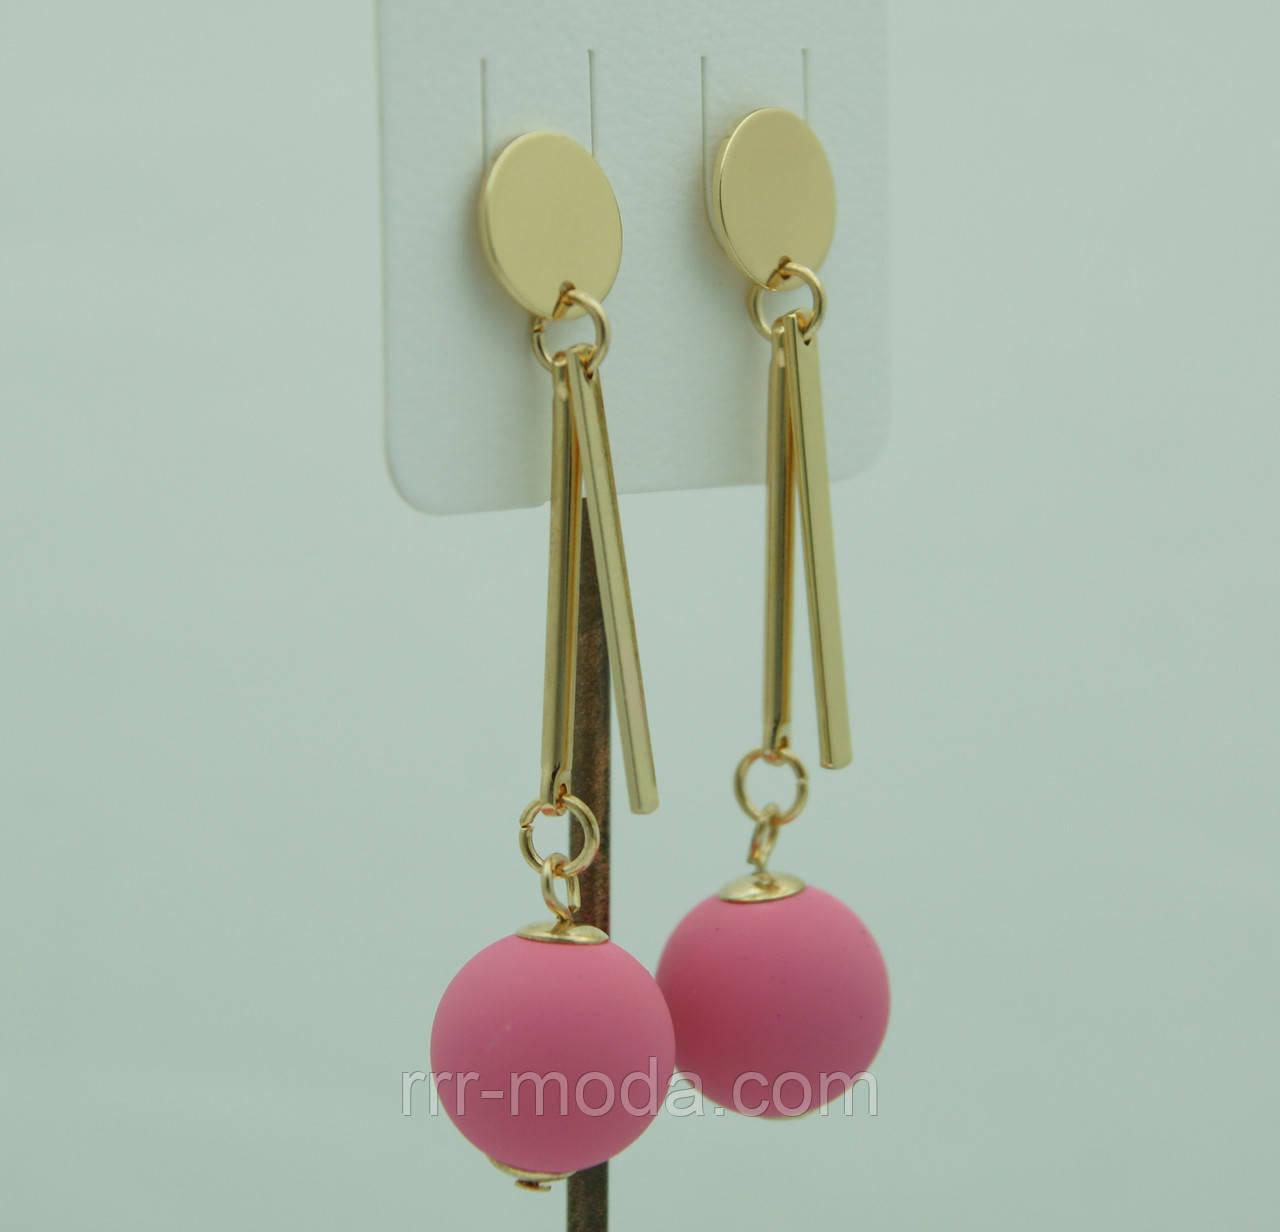 Нежные матовые серёжки шарики Korea, розовые сережки-гвоздики 3084